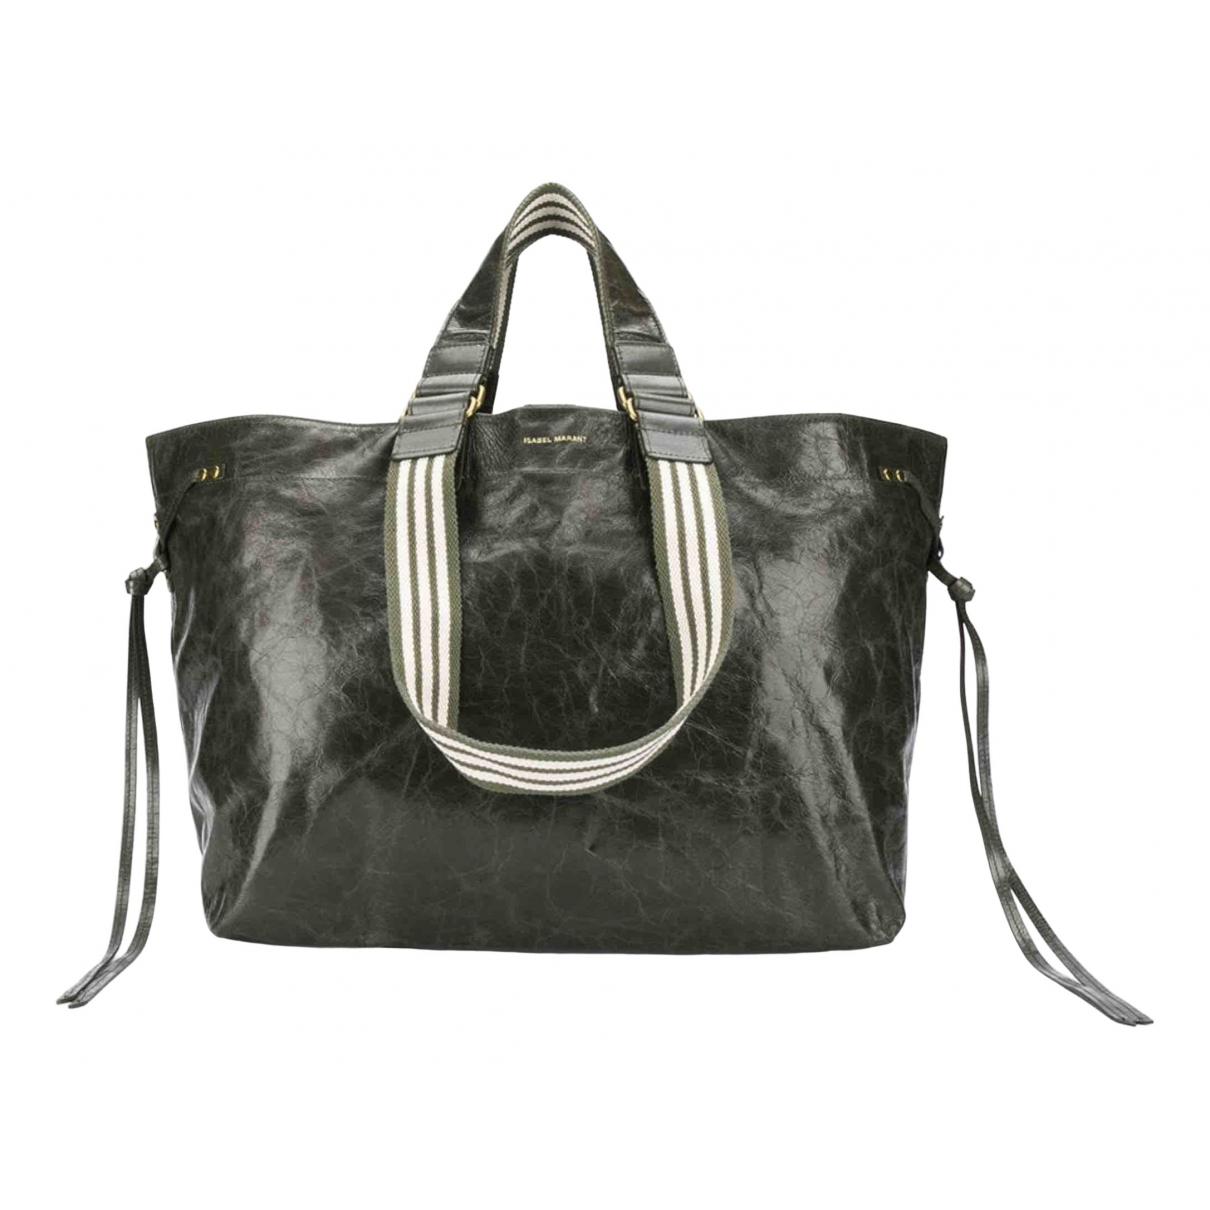 Isabel Marant \N Handtasche in  Khaki Leder